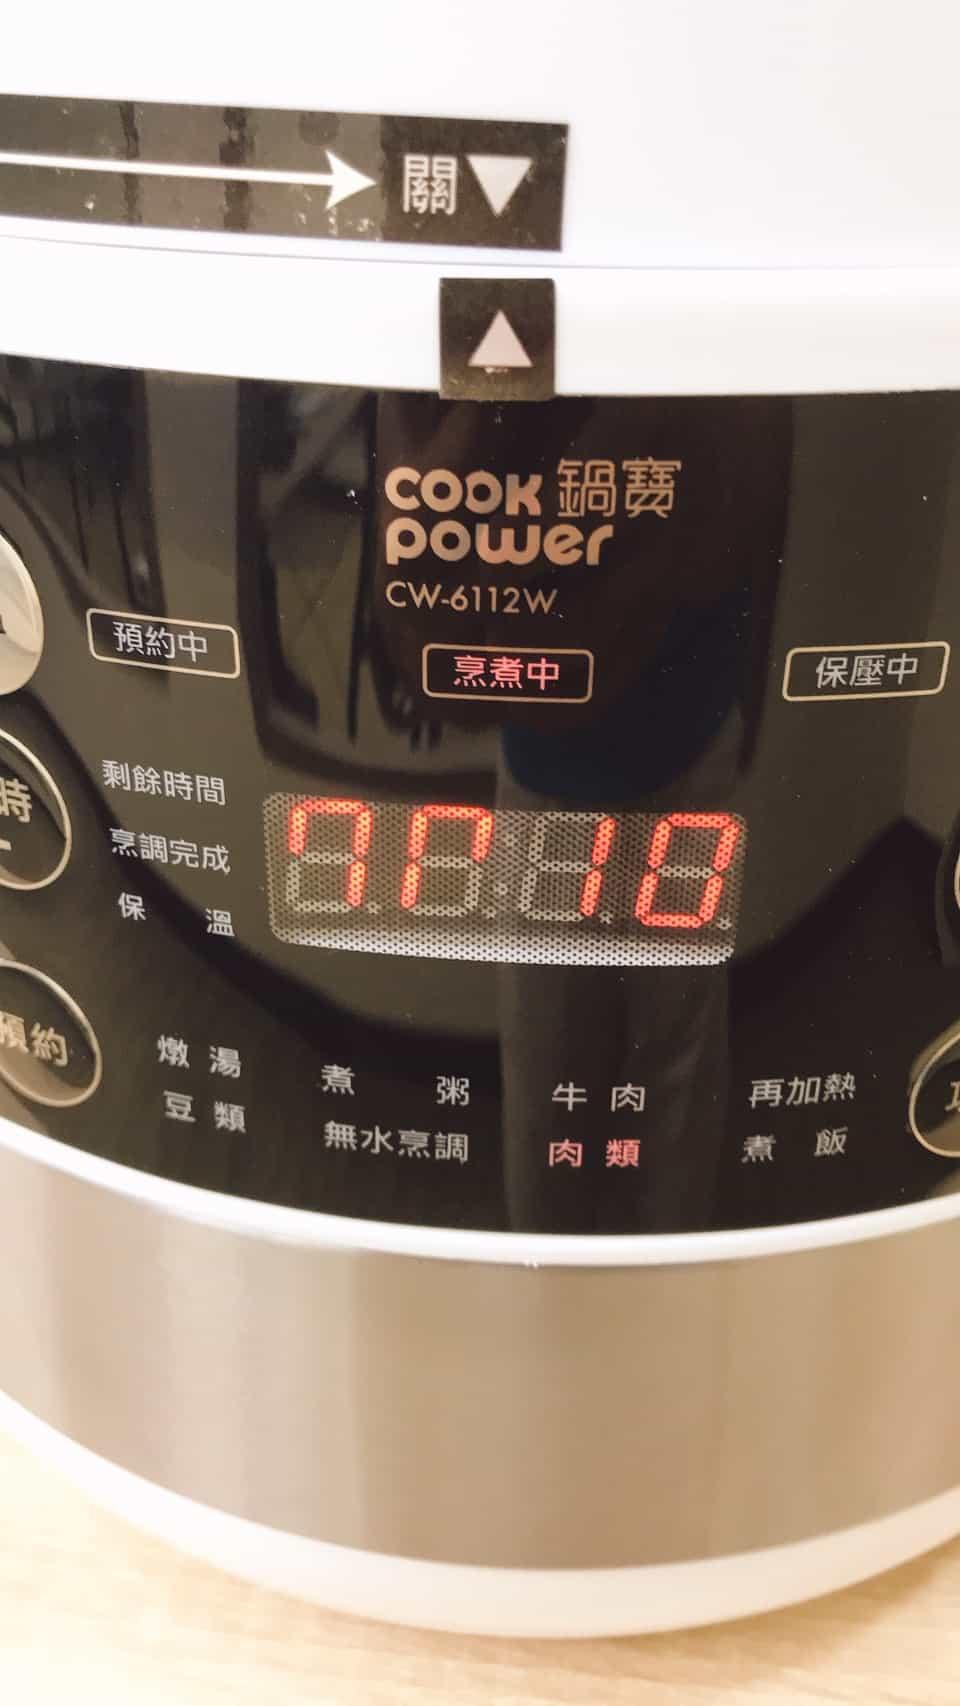 鍋寶萬用壓力鍋面板